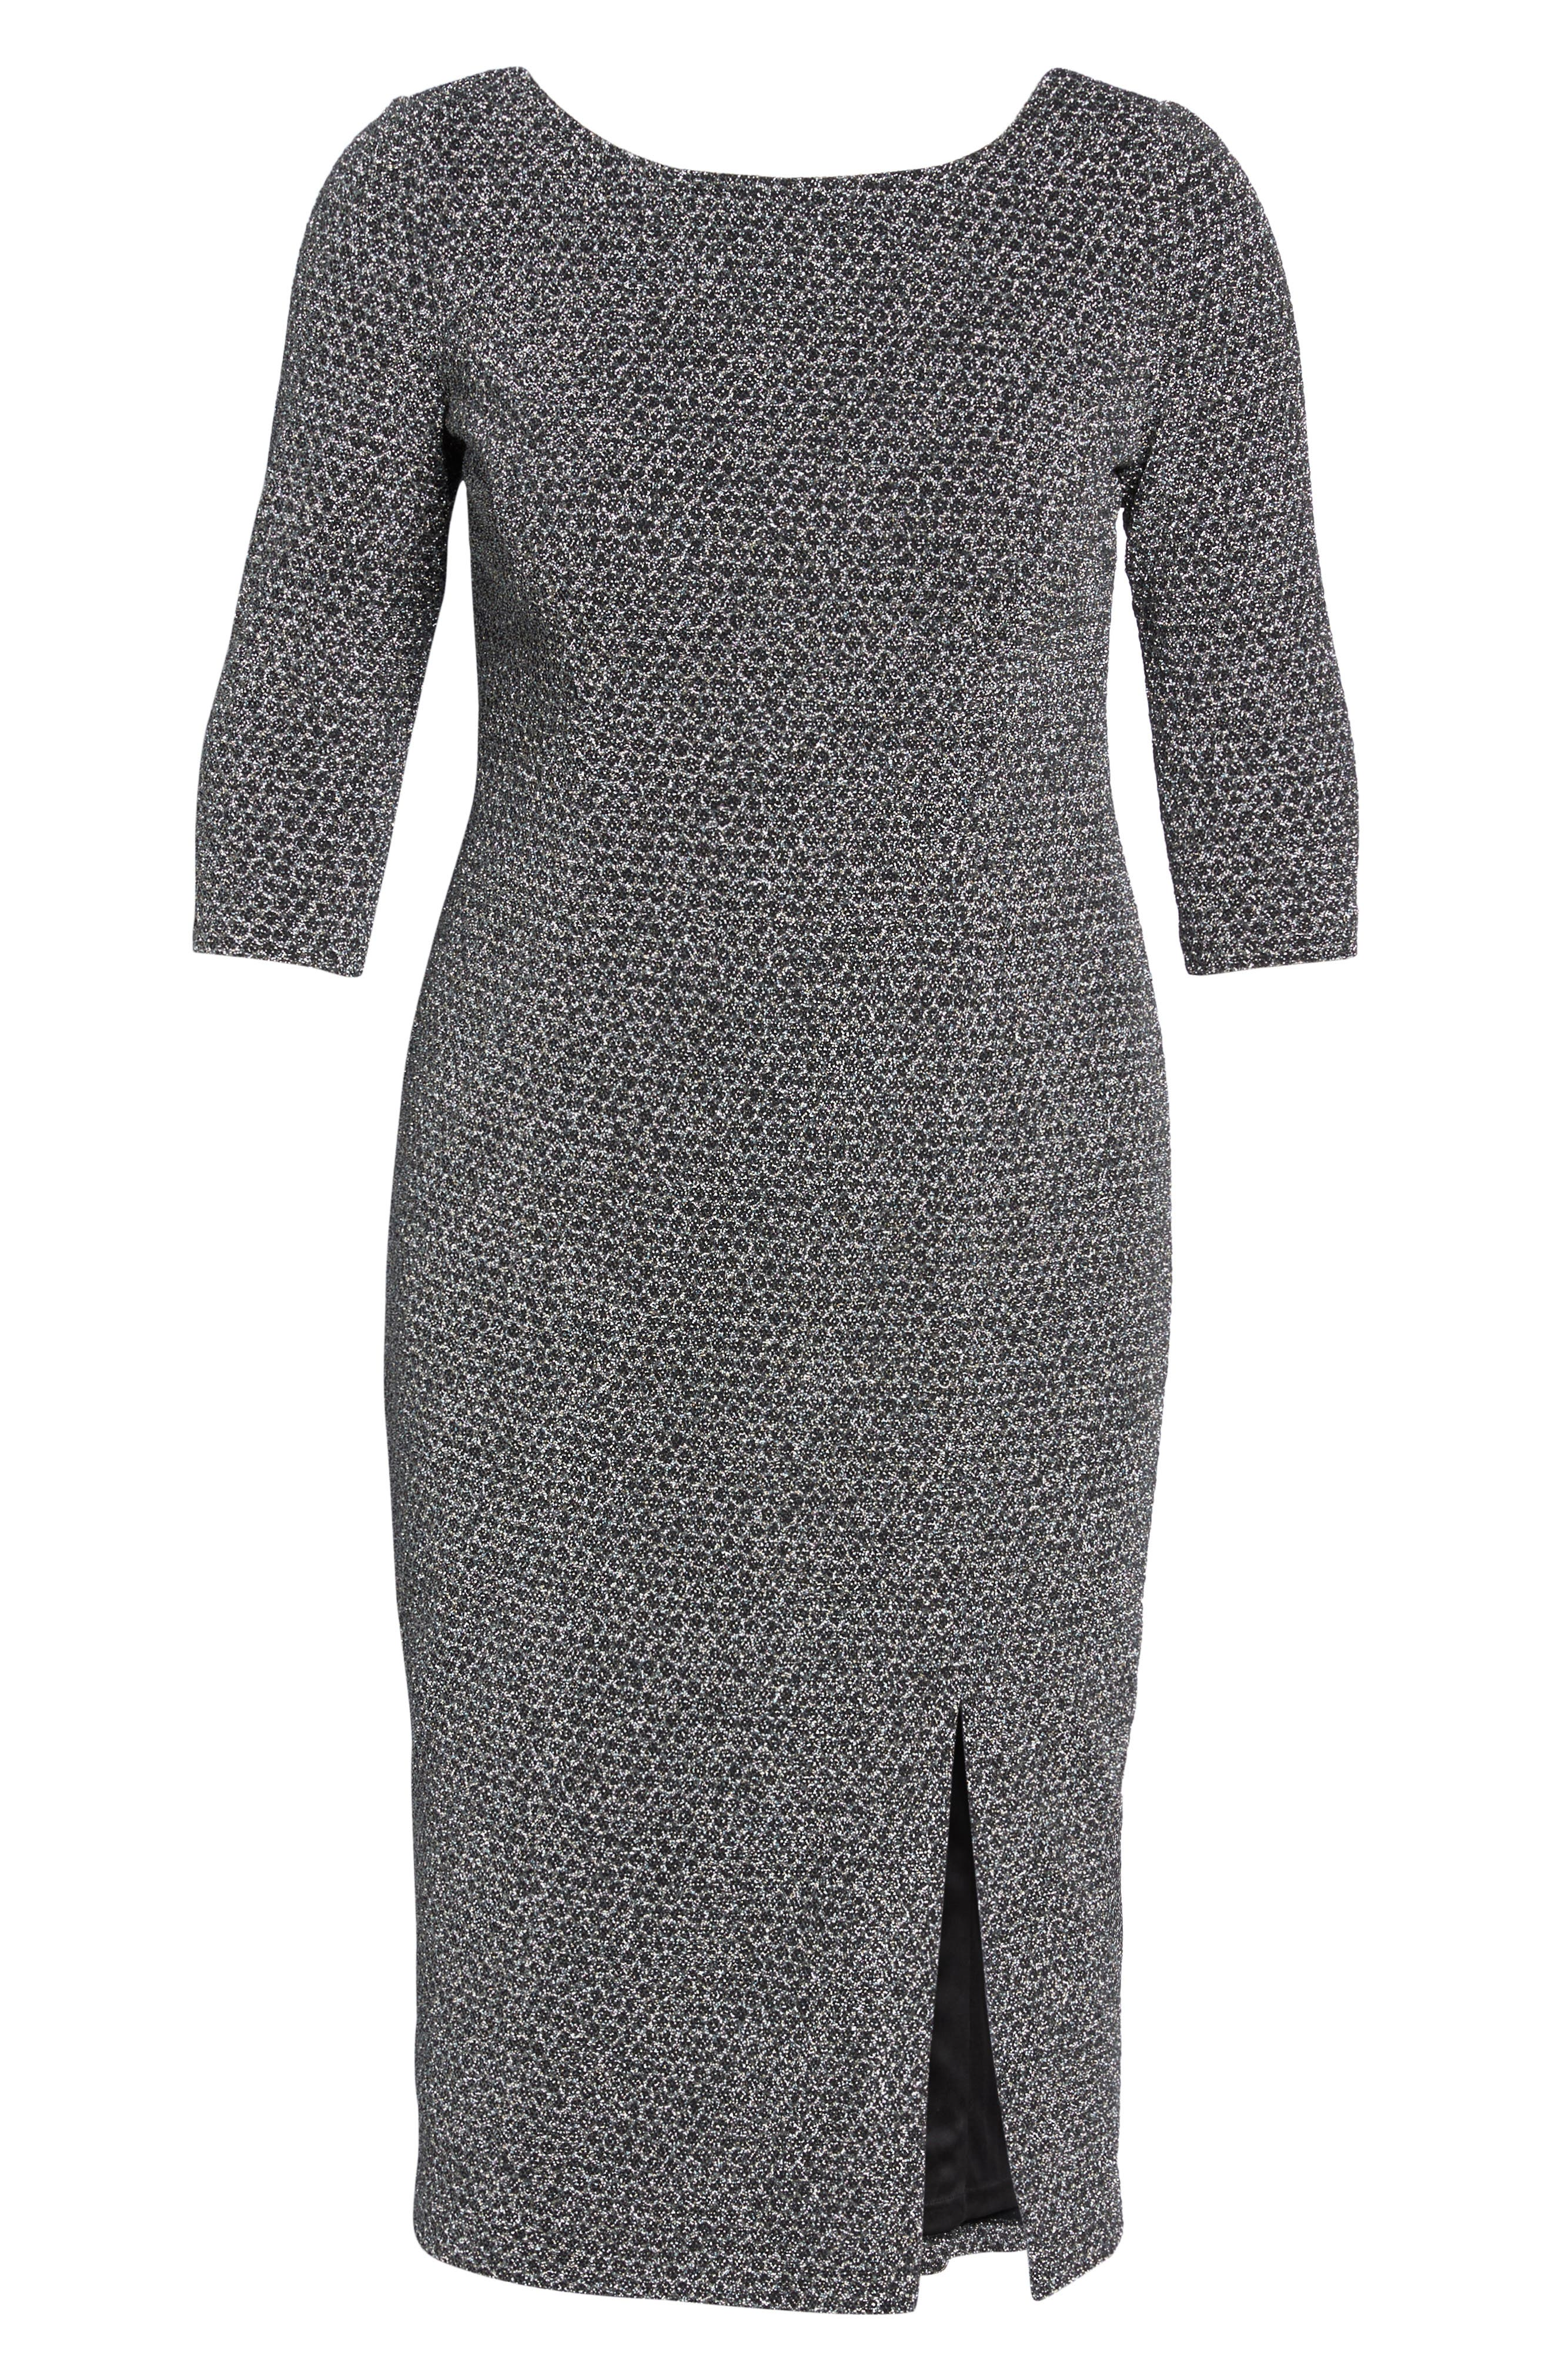 Glitter Knit Sheath Dress,                             Alternate thumbnail 7, color,                             Gunmetal/ Black